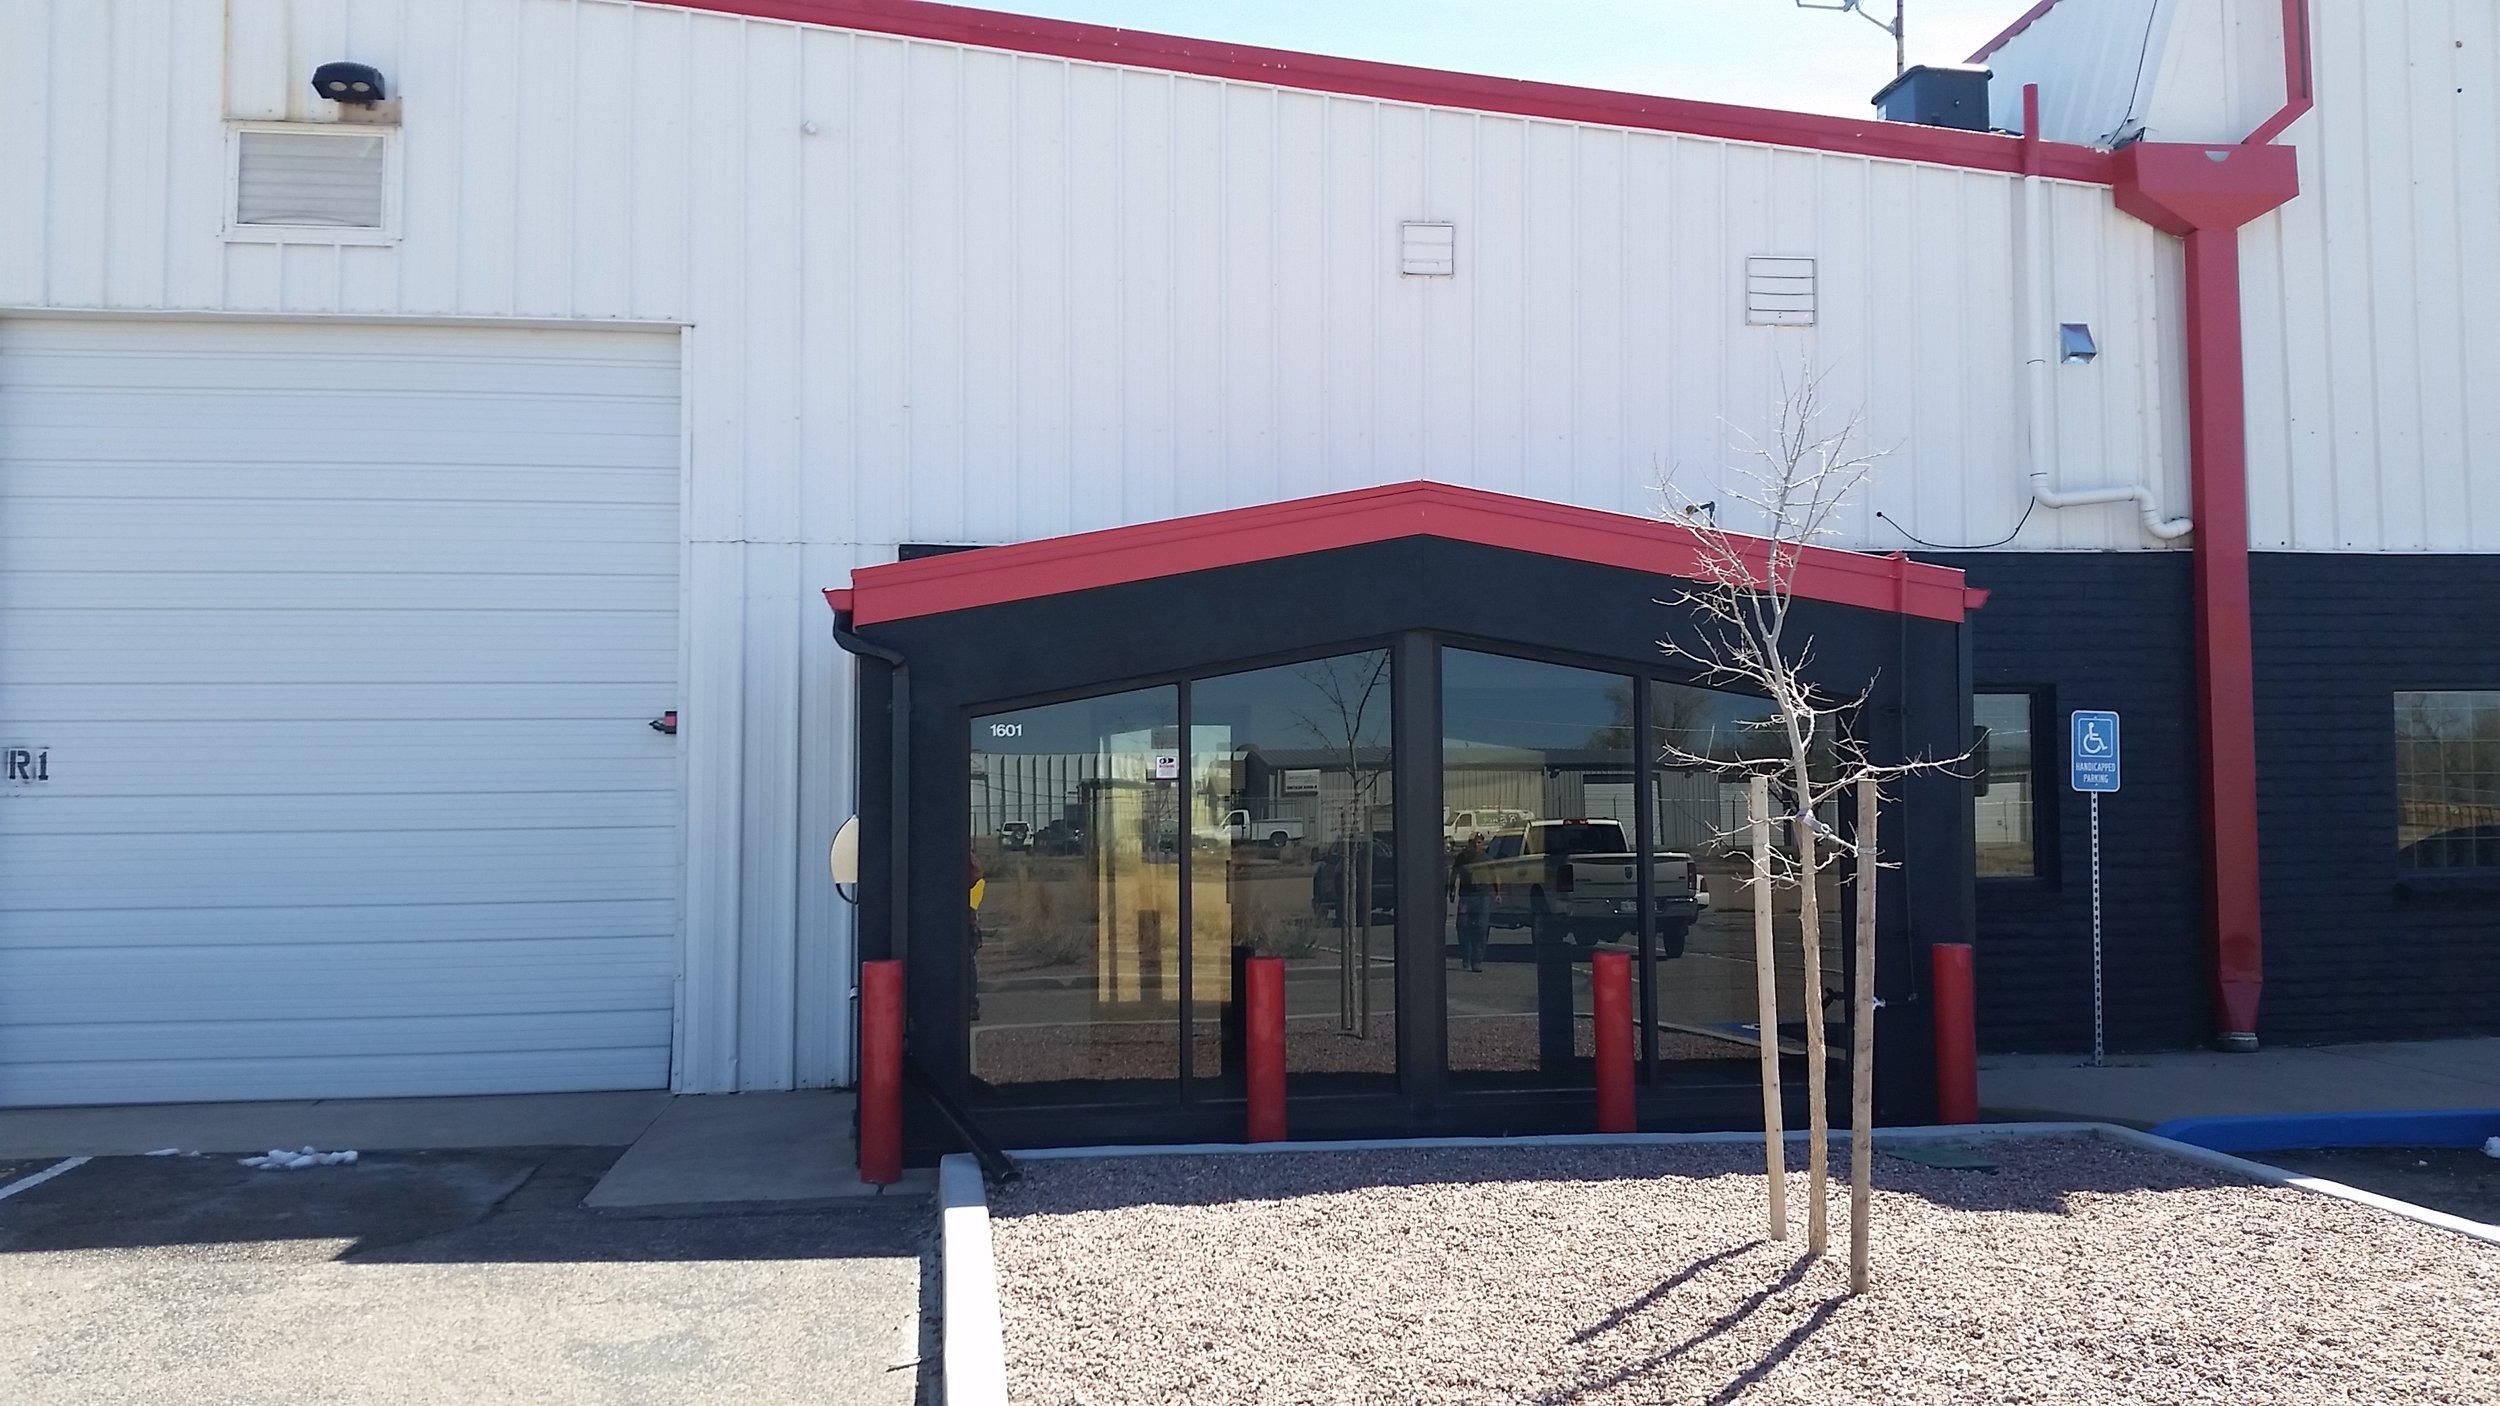 Pueblo Holdings Buildiing Photo 2 20170406_145513.jpg